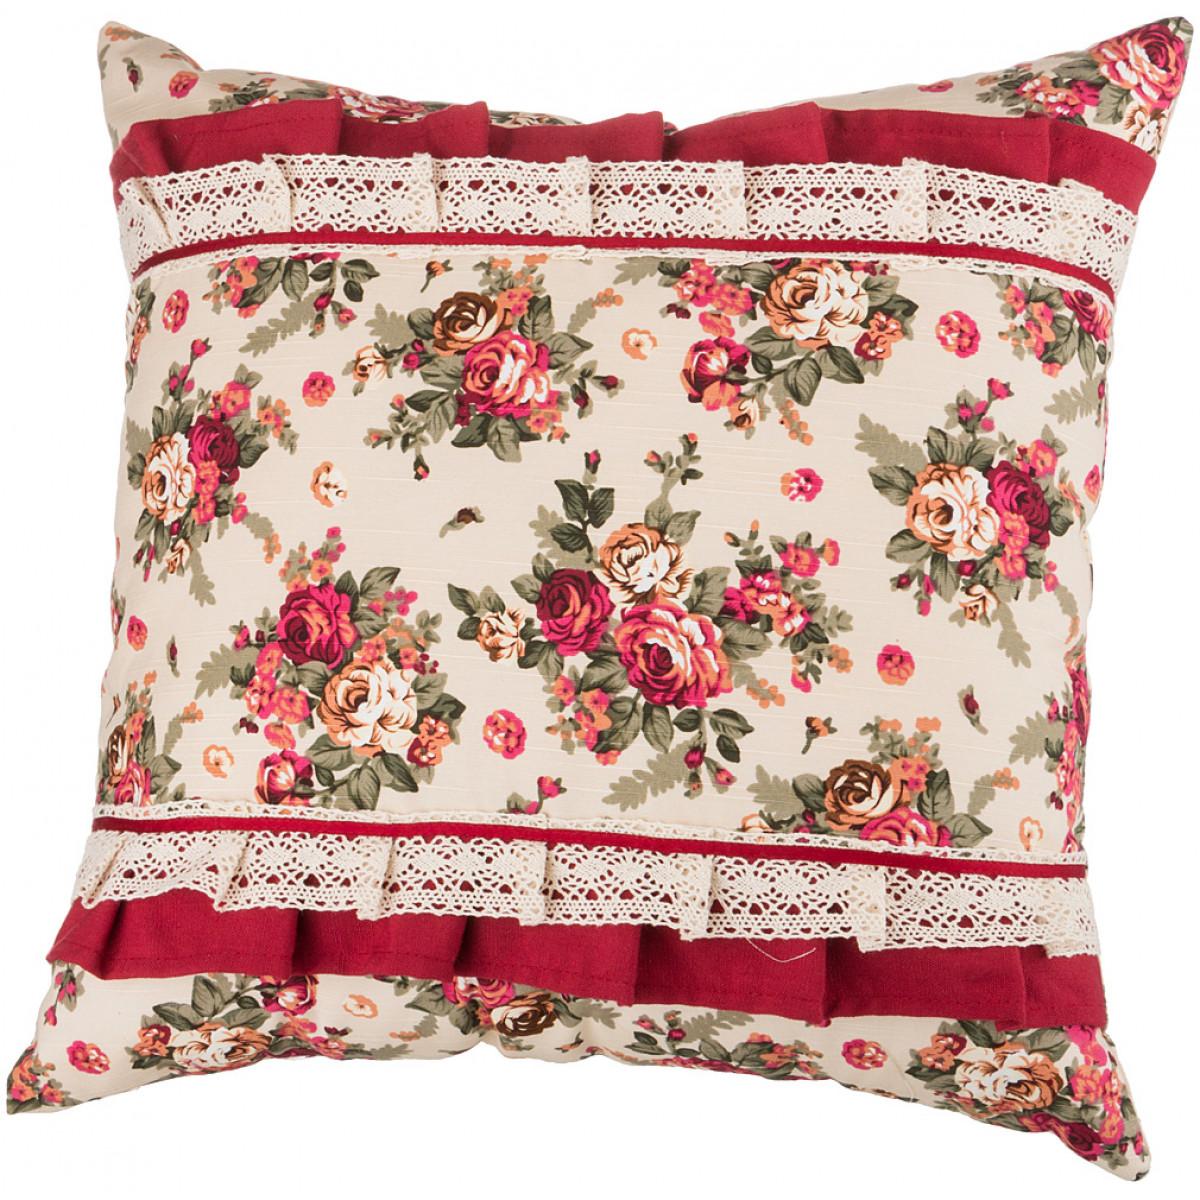 Декоративные подушки Santalino Декоративная подушка Seona (45х45) декоративные подушки santalino декоративная подушка гуси 45х45